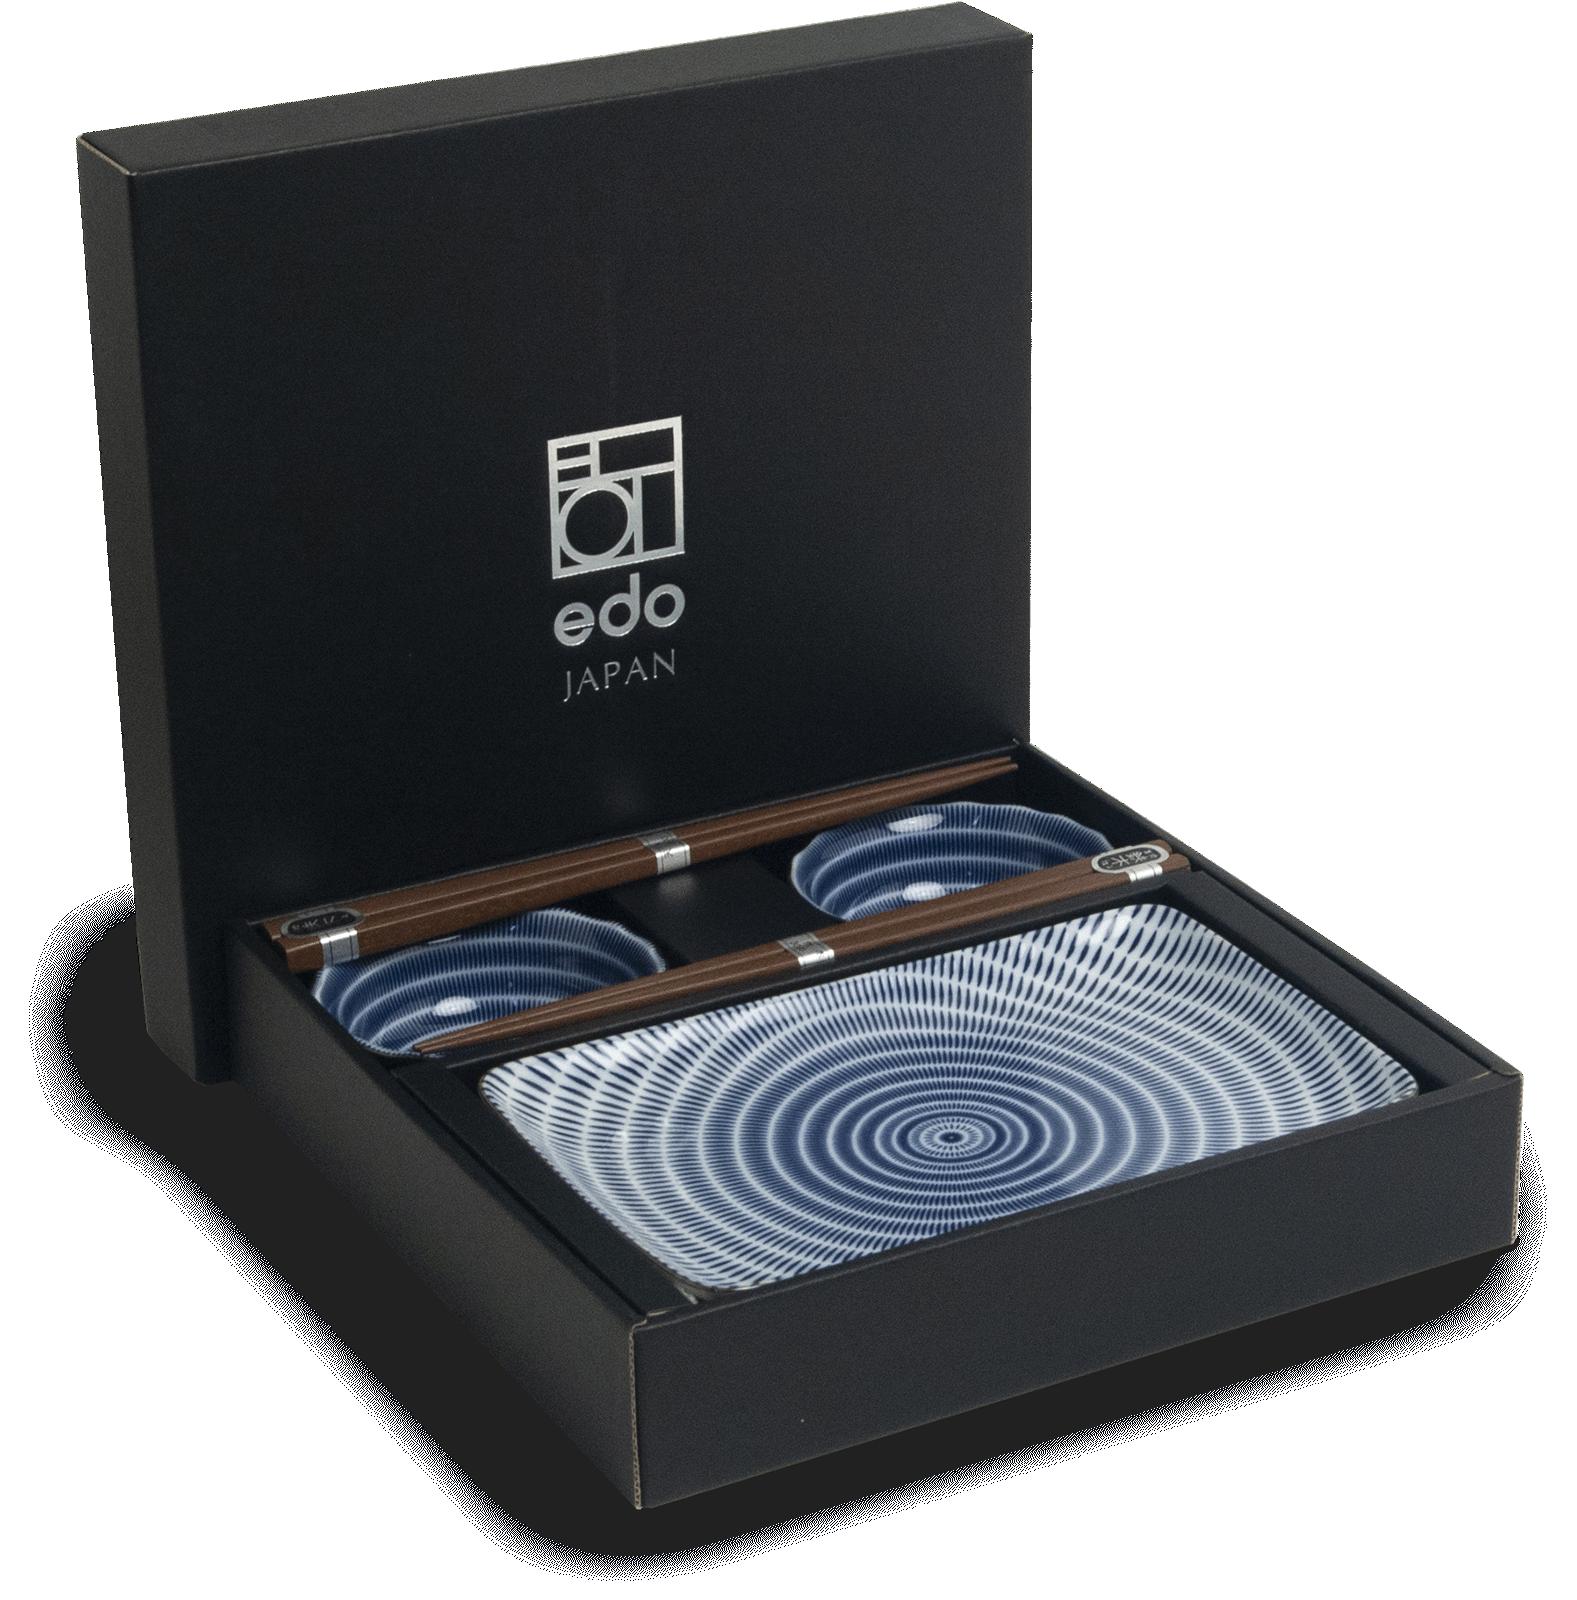 Edo Japan Coffret Service à Sushi TOKUSA de Edo Japan |  6-pièces